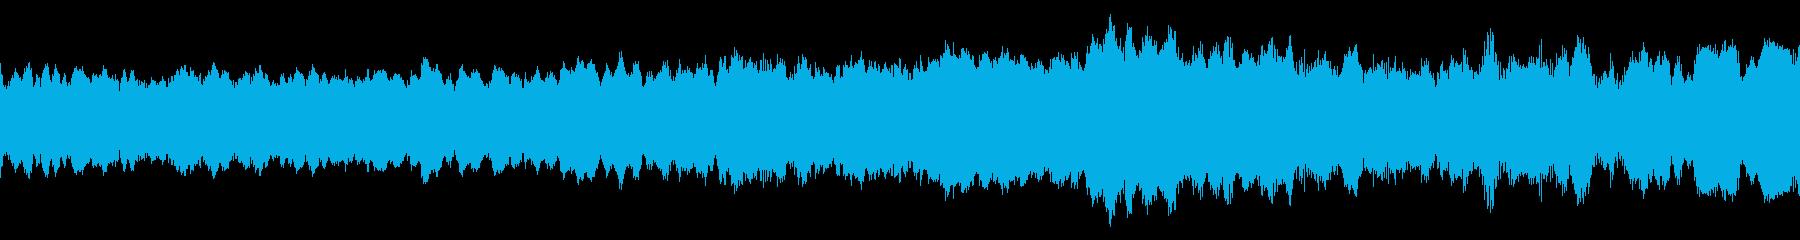 宇宙船は高から低に減速するの再生済みの波形